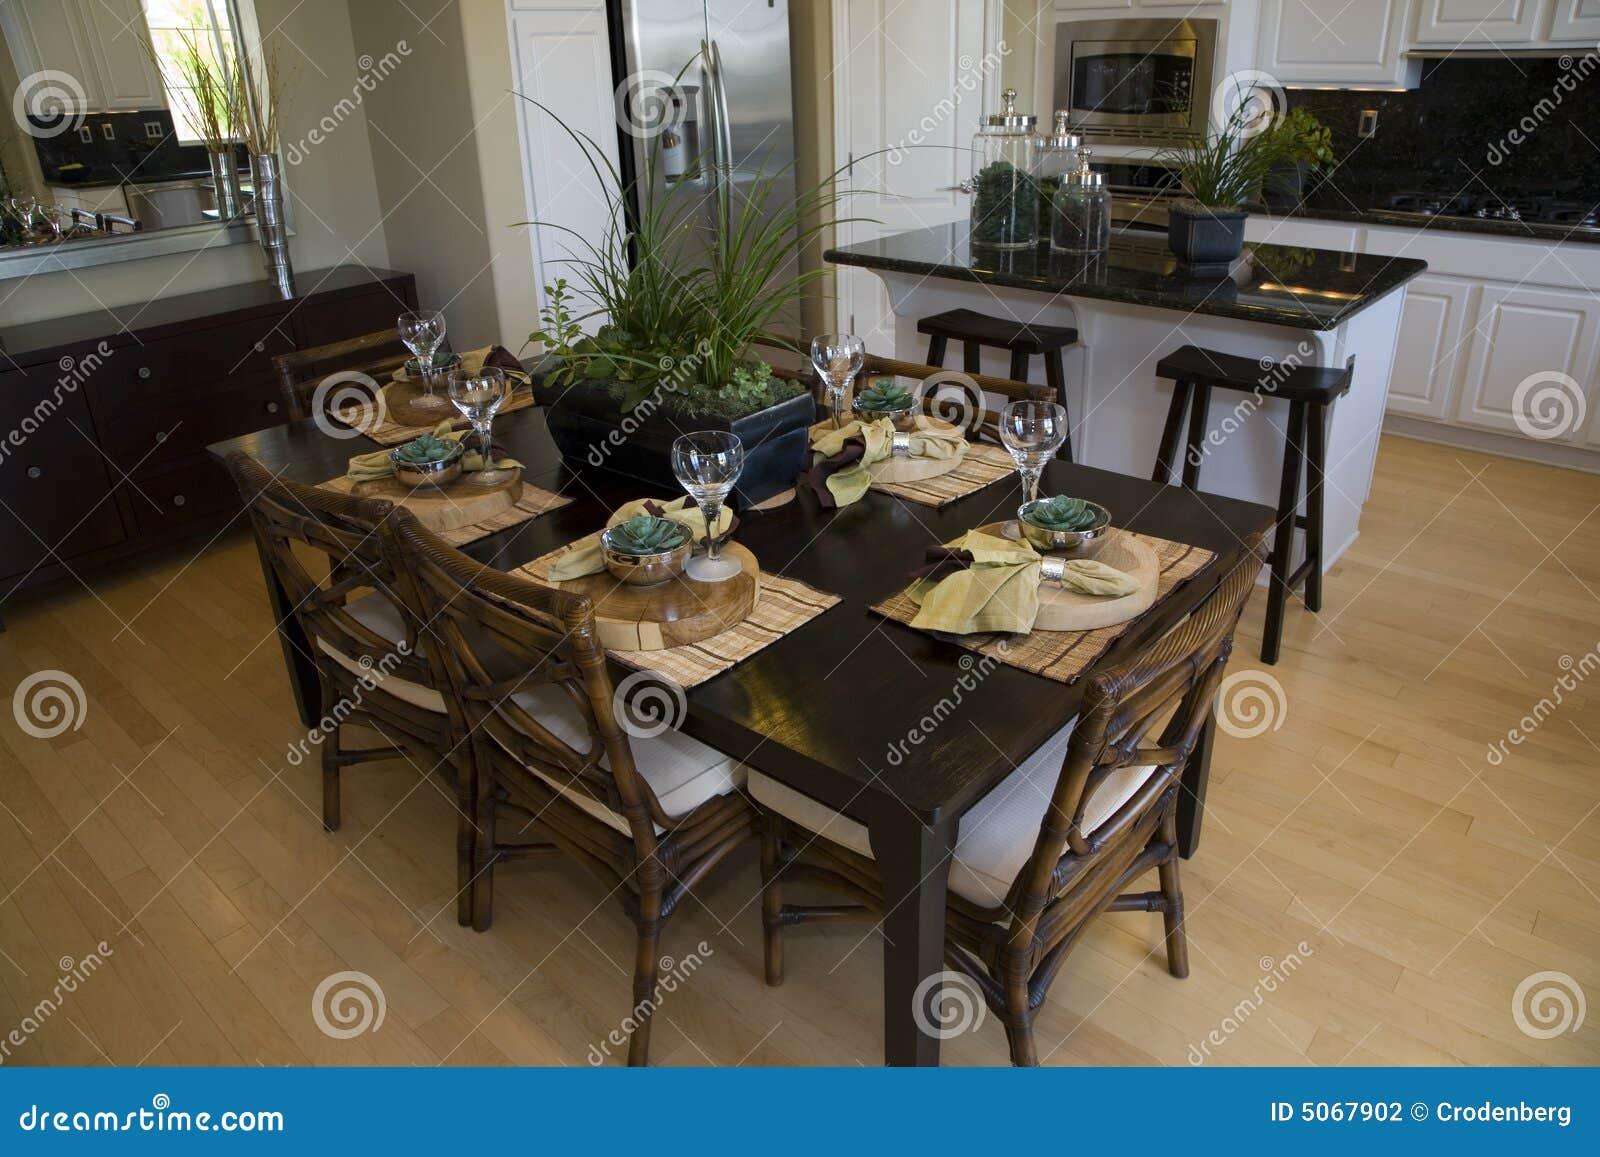 table de cuisine moderne photo stock image du pr sidence. Black Bedroom Furniture Sets. Home Design Ideas